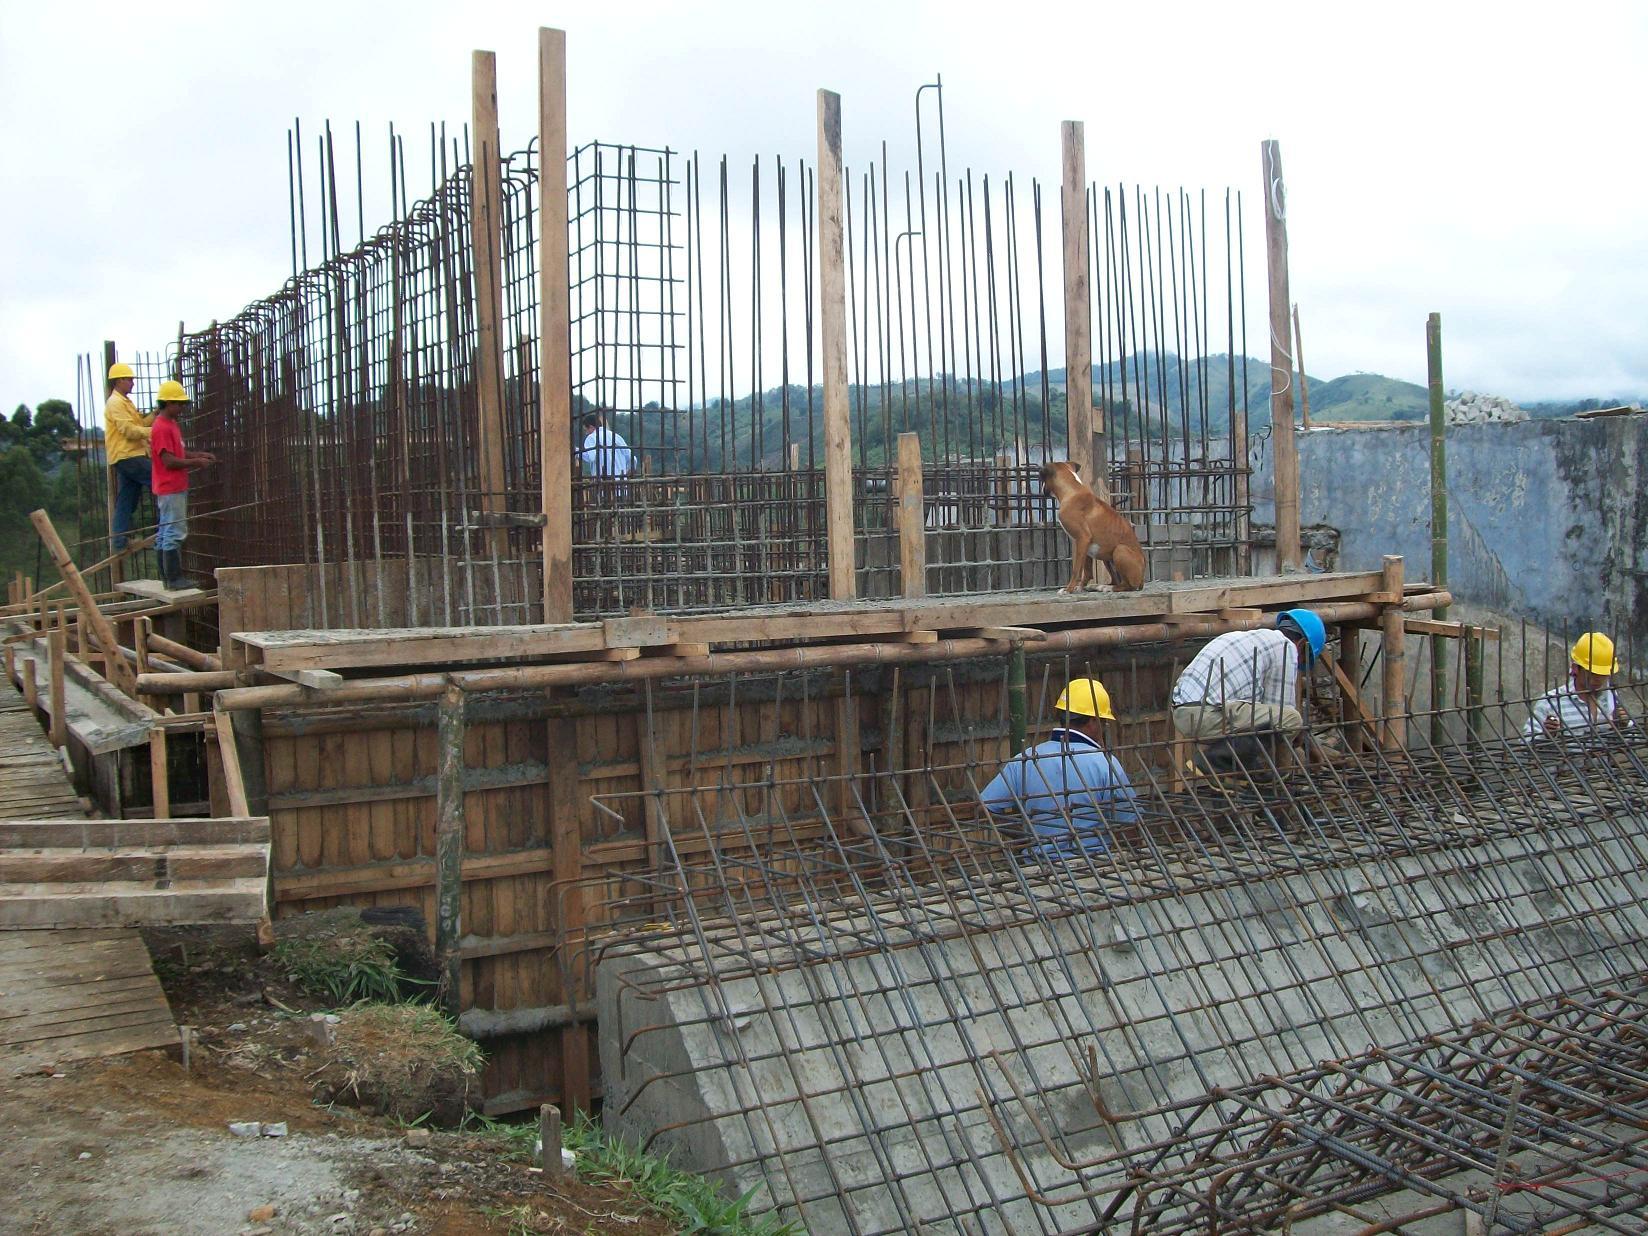 obras en construccion revista nueva miner a energ a